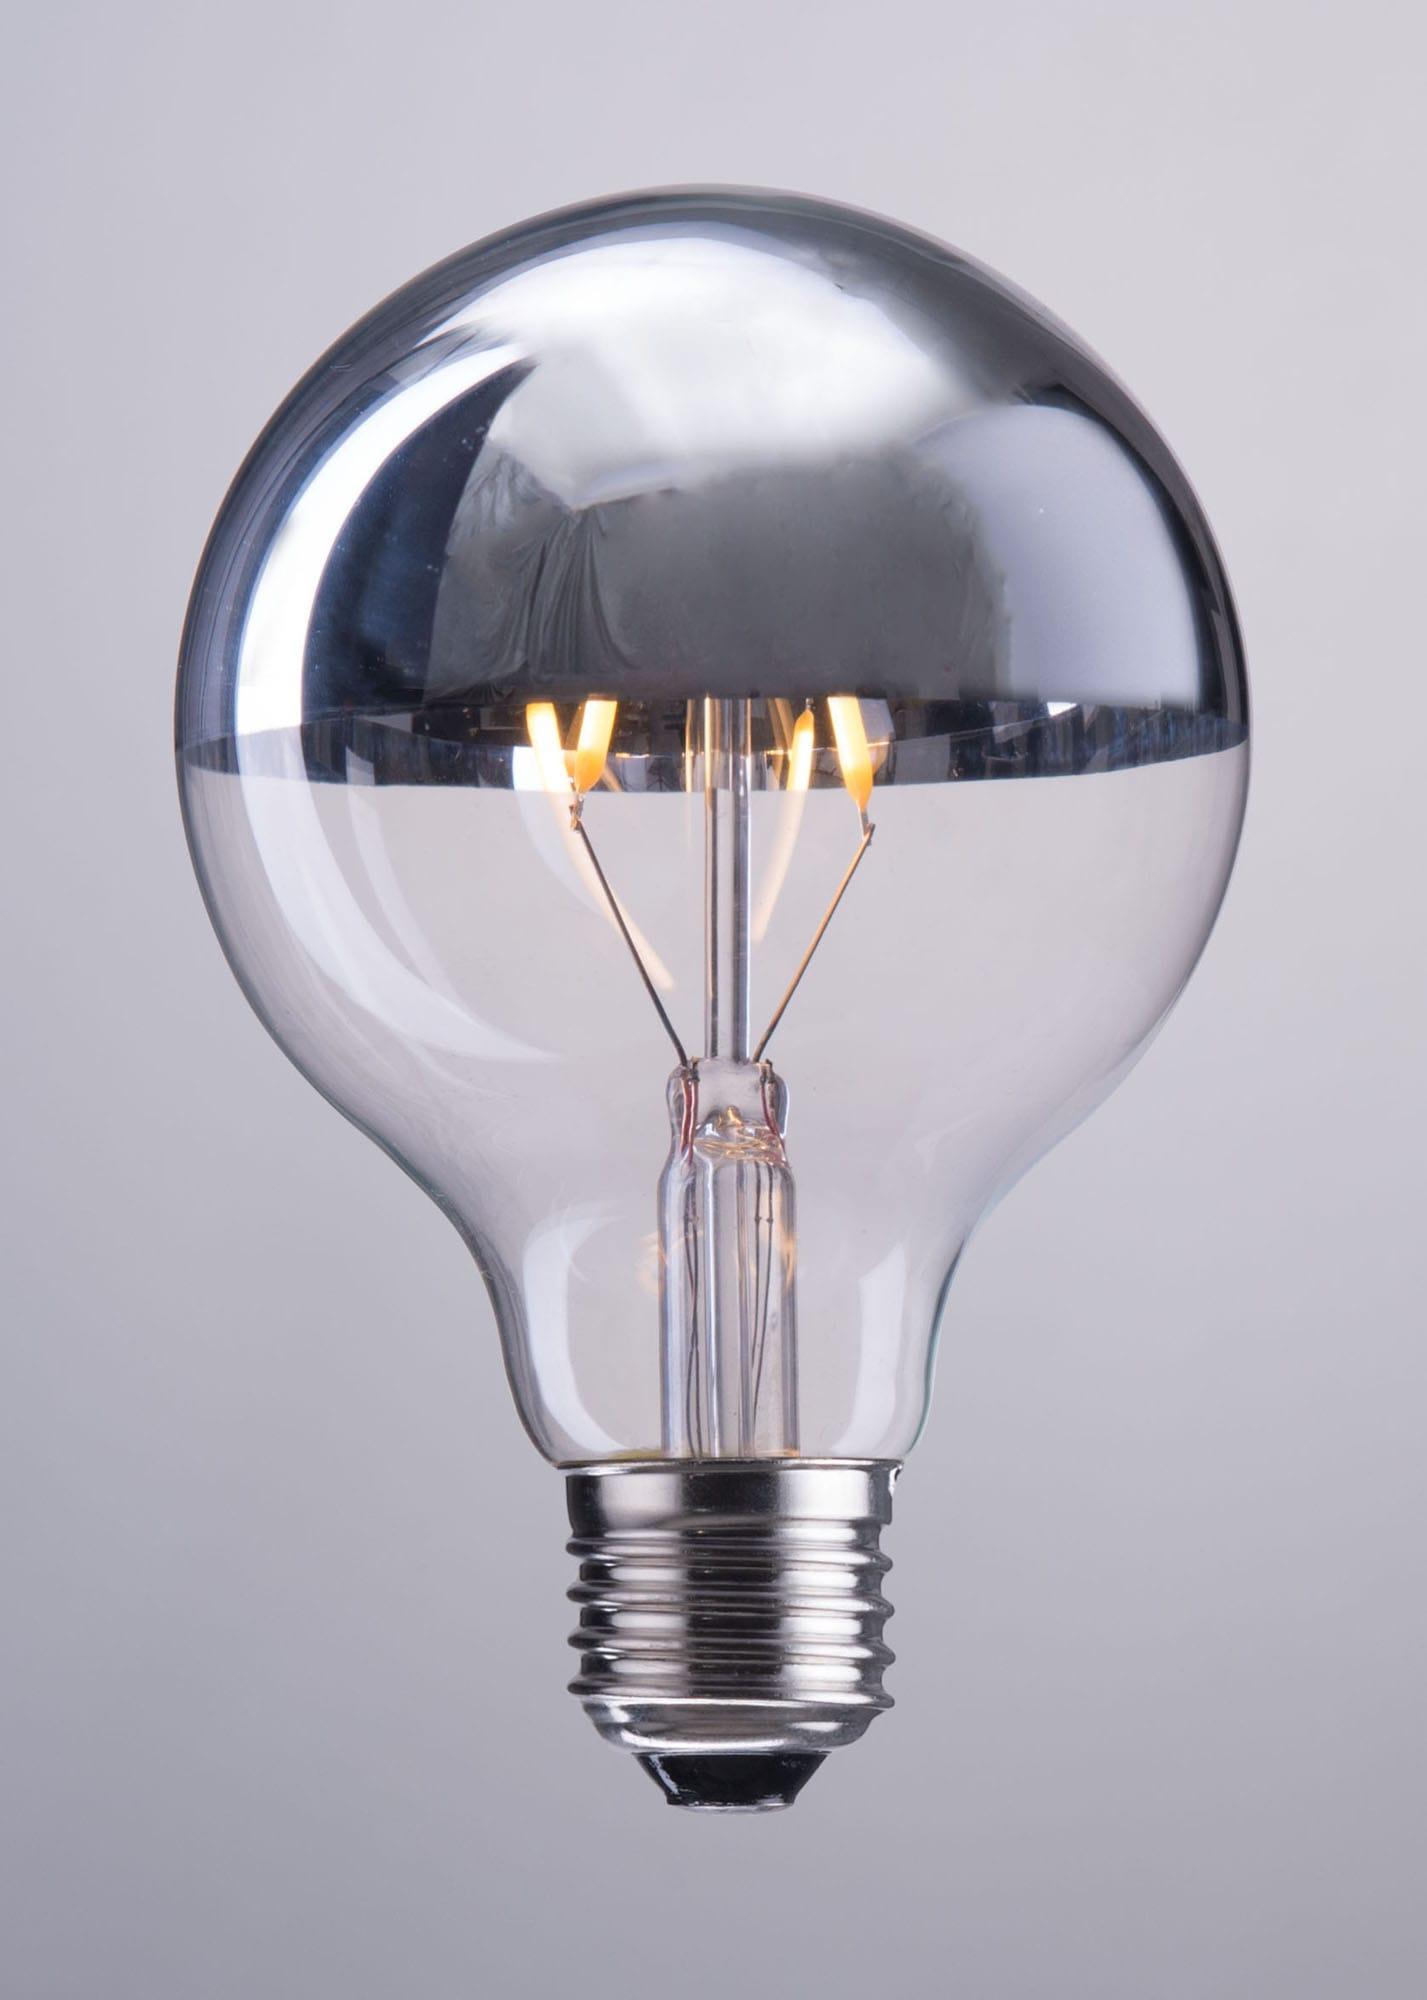 E26 G80 2w Led 110x80mm Half Chrome Light Bulb By Zuo